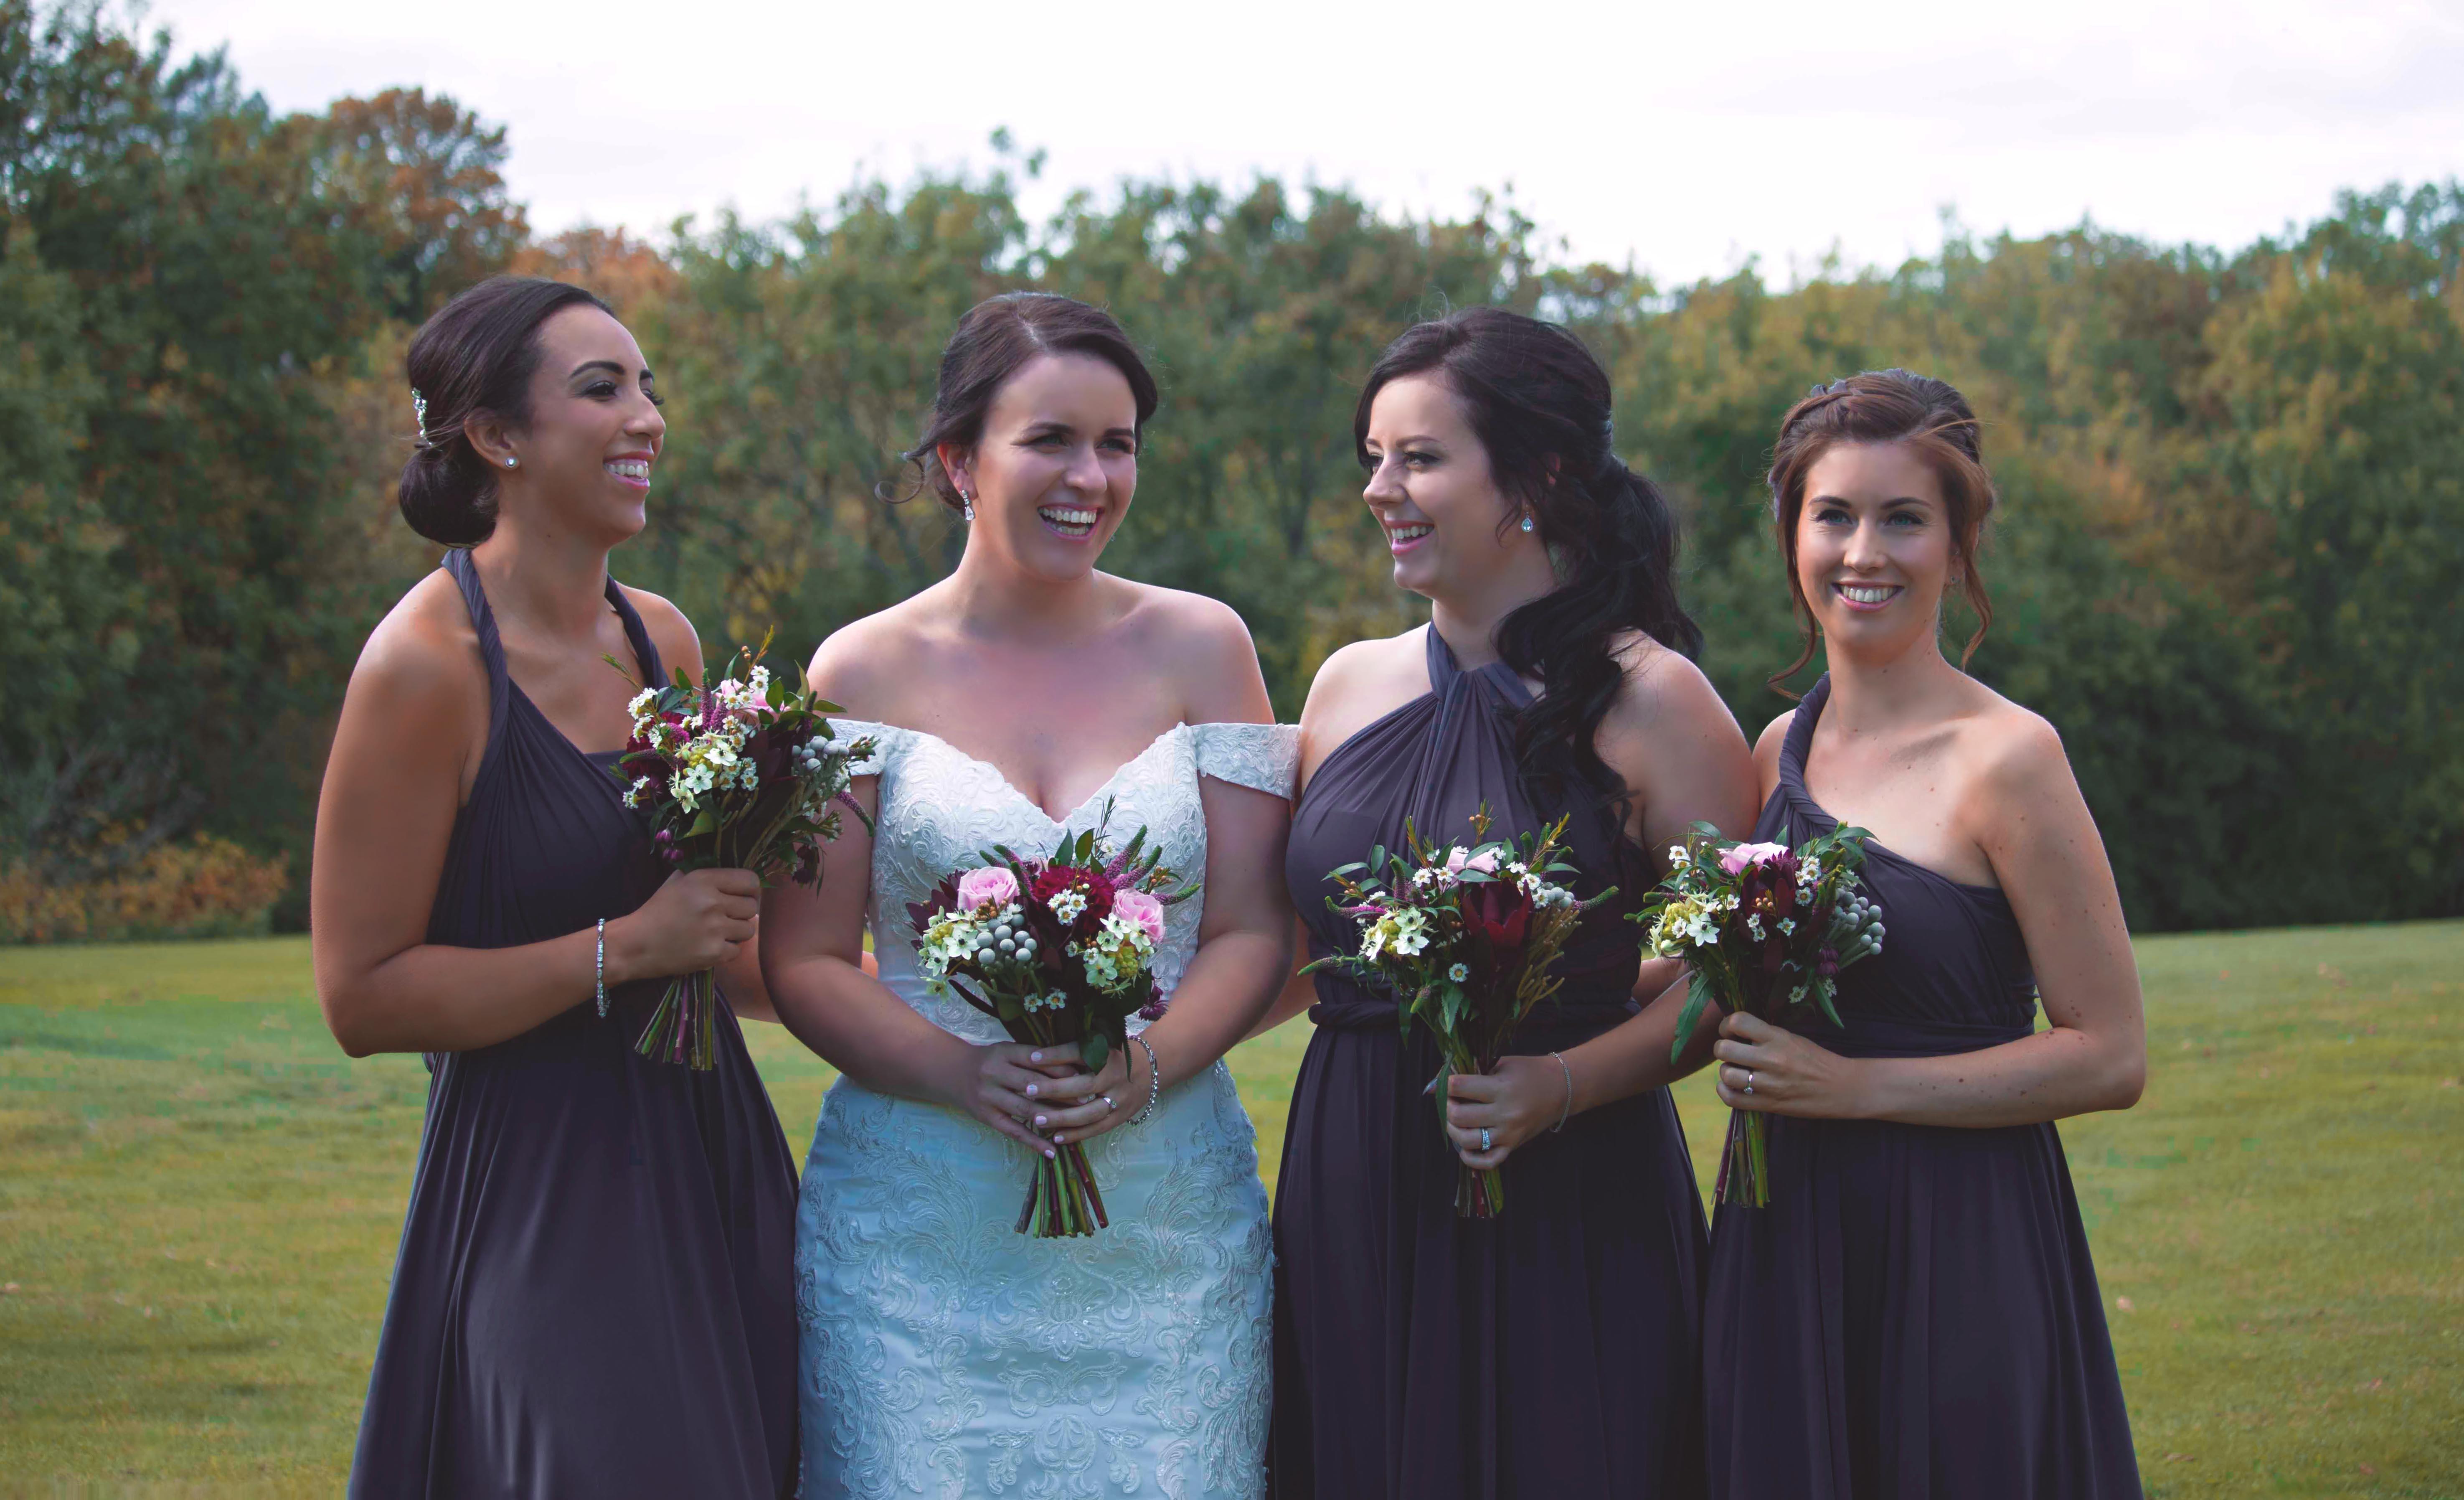 Bride & Bridesmaids Purple Outdoor Golf Club Wedding